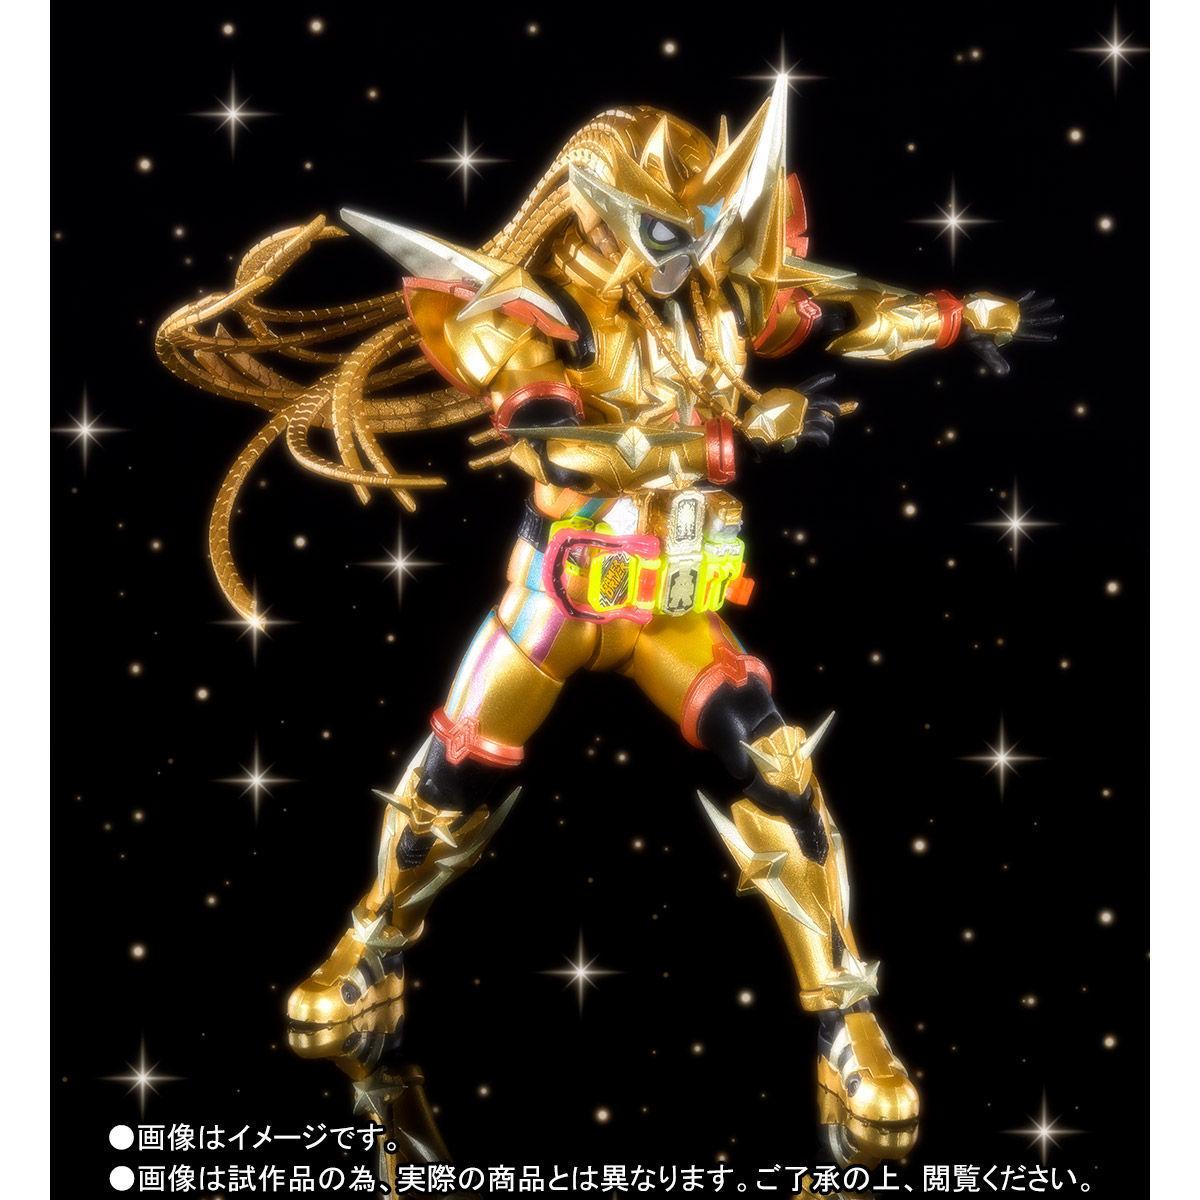 shf-仮面ライダーエグゼイドムテキゲーマー07